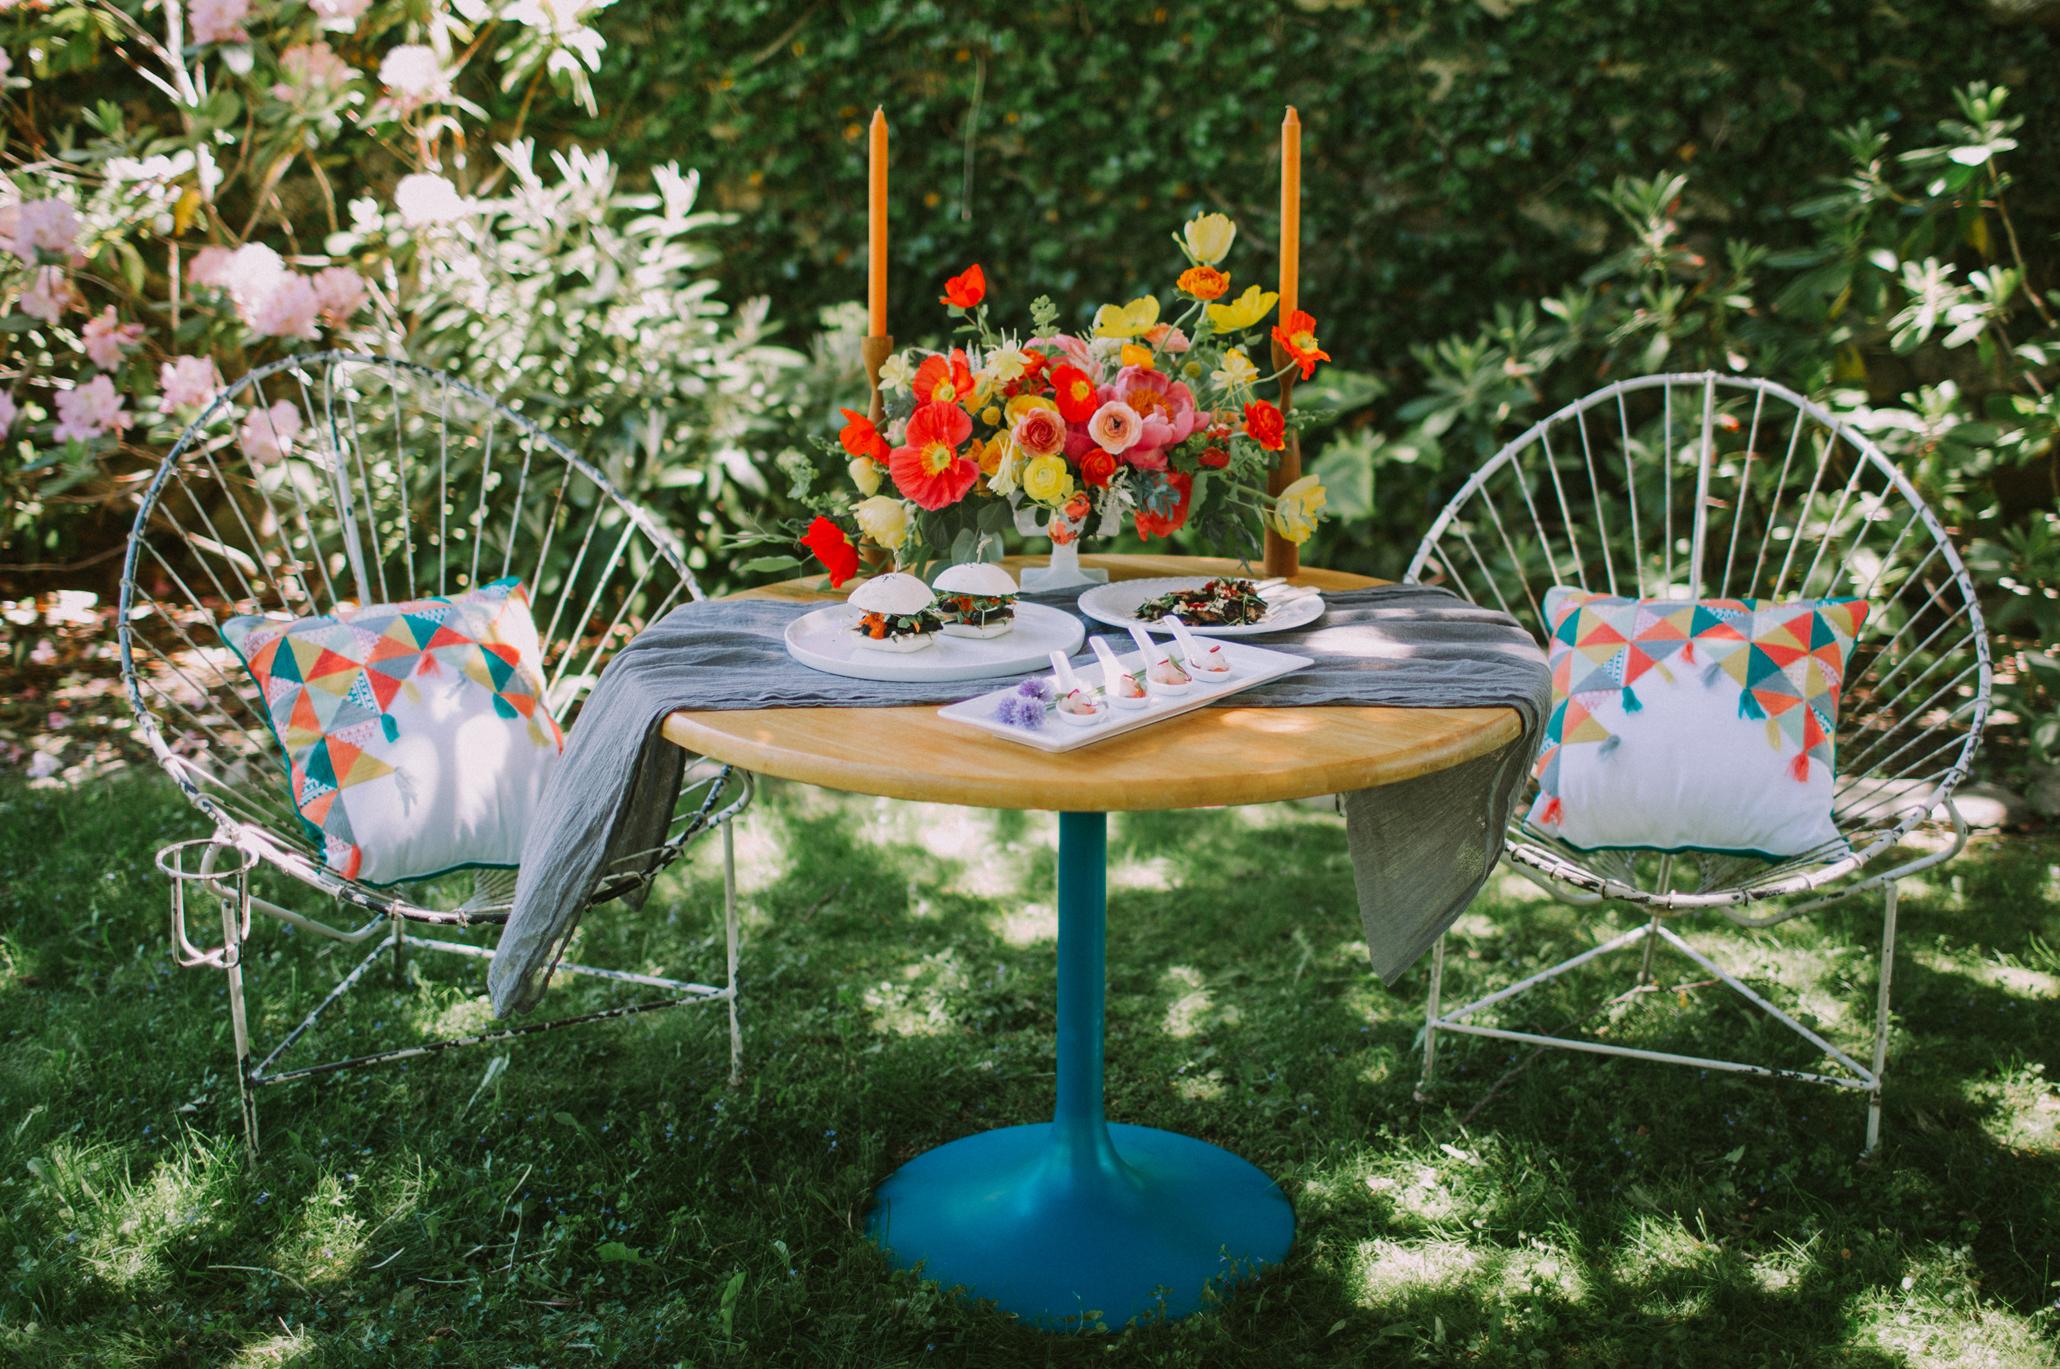 mid-century modern wedding garden party inspiration